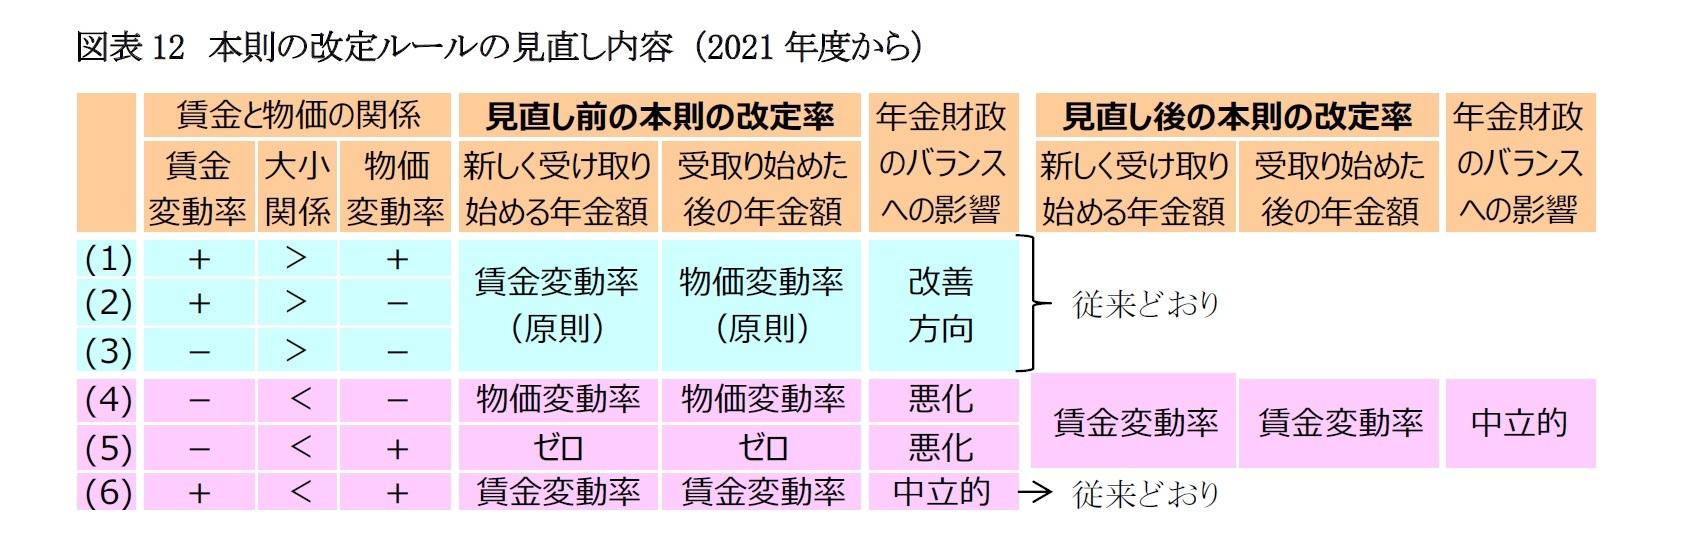 図表12 本則の改定ルールの見直し内容 (2021年度から)